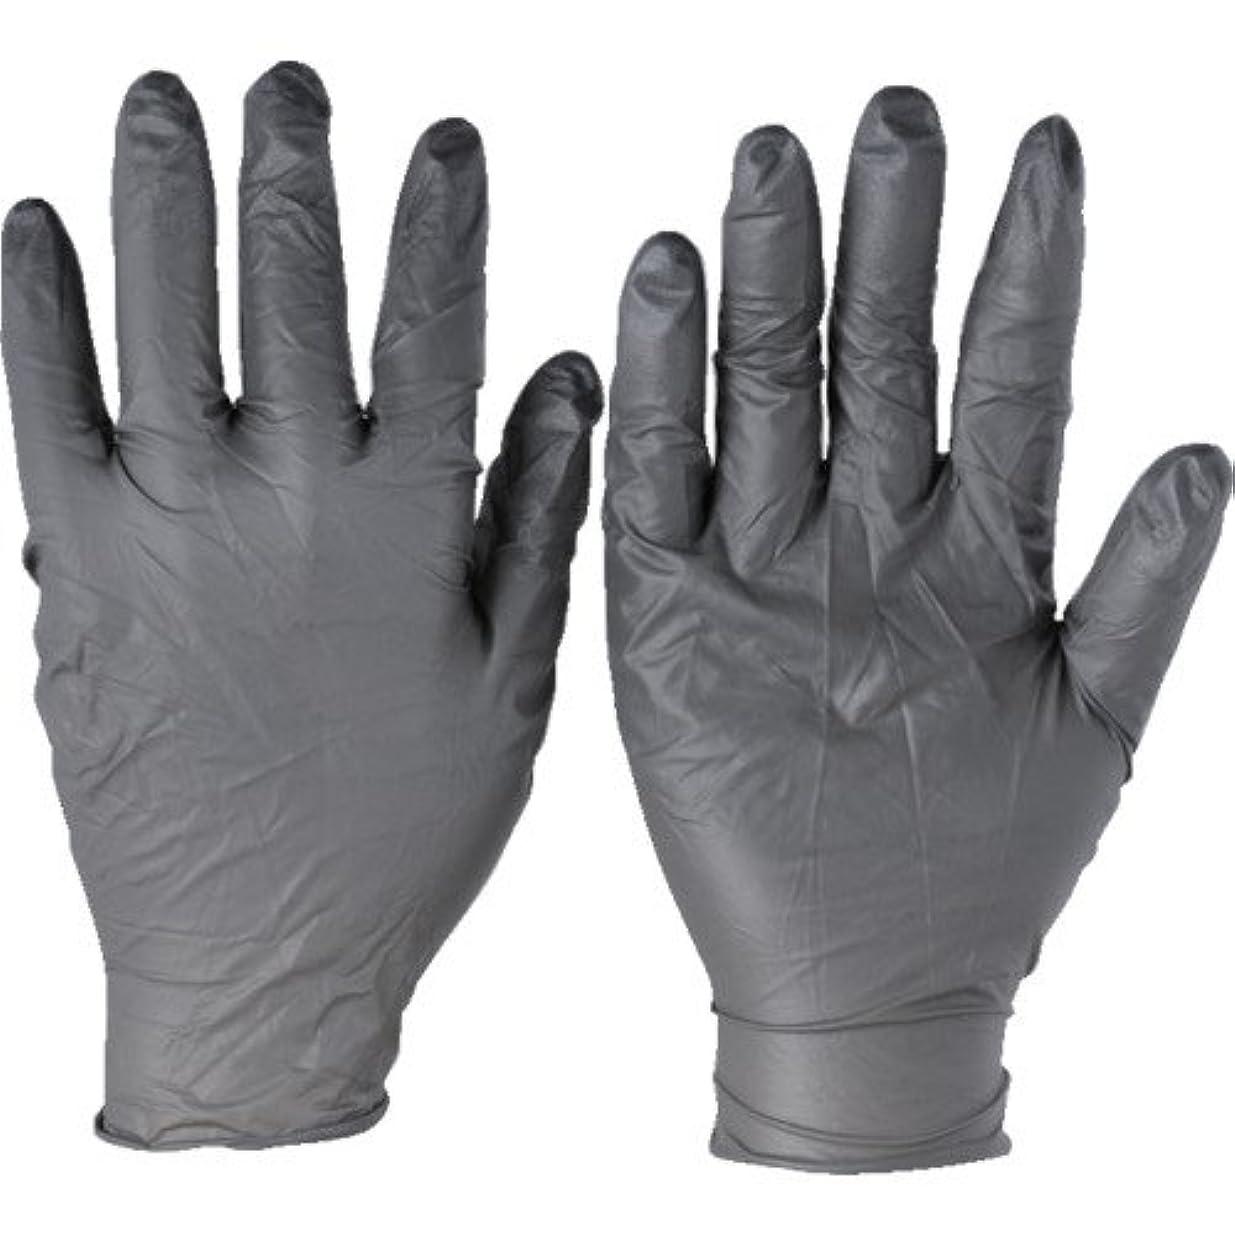 シーボード非難するなすトラスコ中山 アンセル ニトリルゴム使い捨て手袋 タッチエヌタフ 粉無 XLサイズ100枚入 9325010